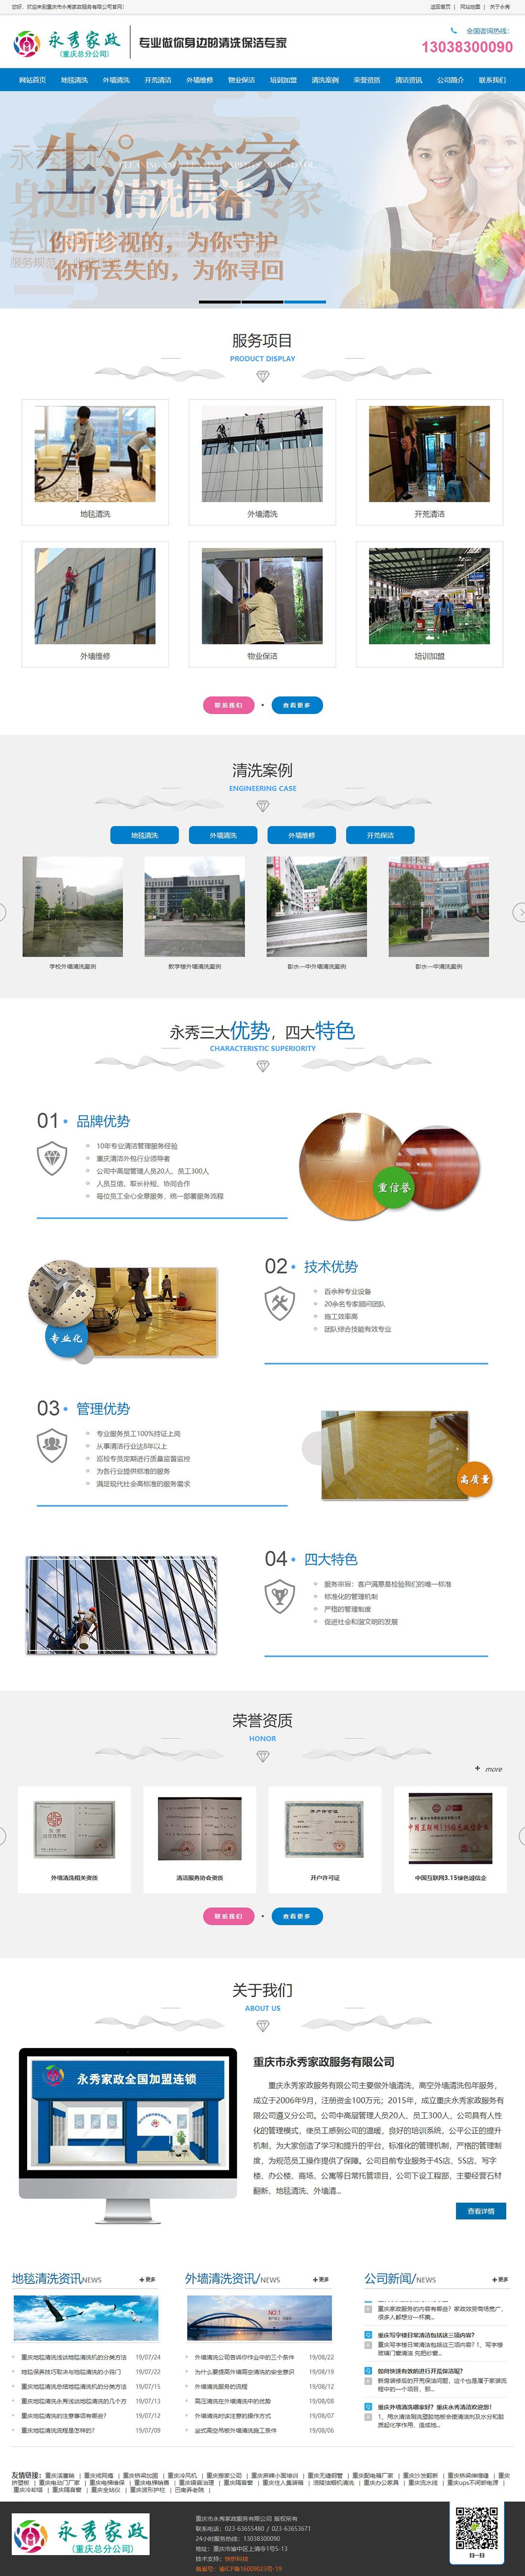 重庆永秀家政服务有限公司网站制